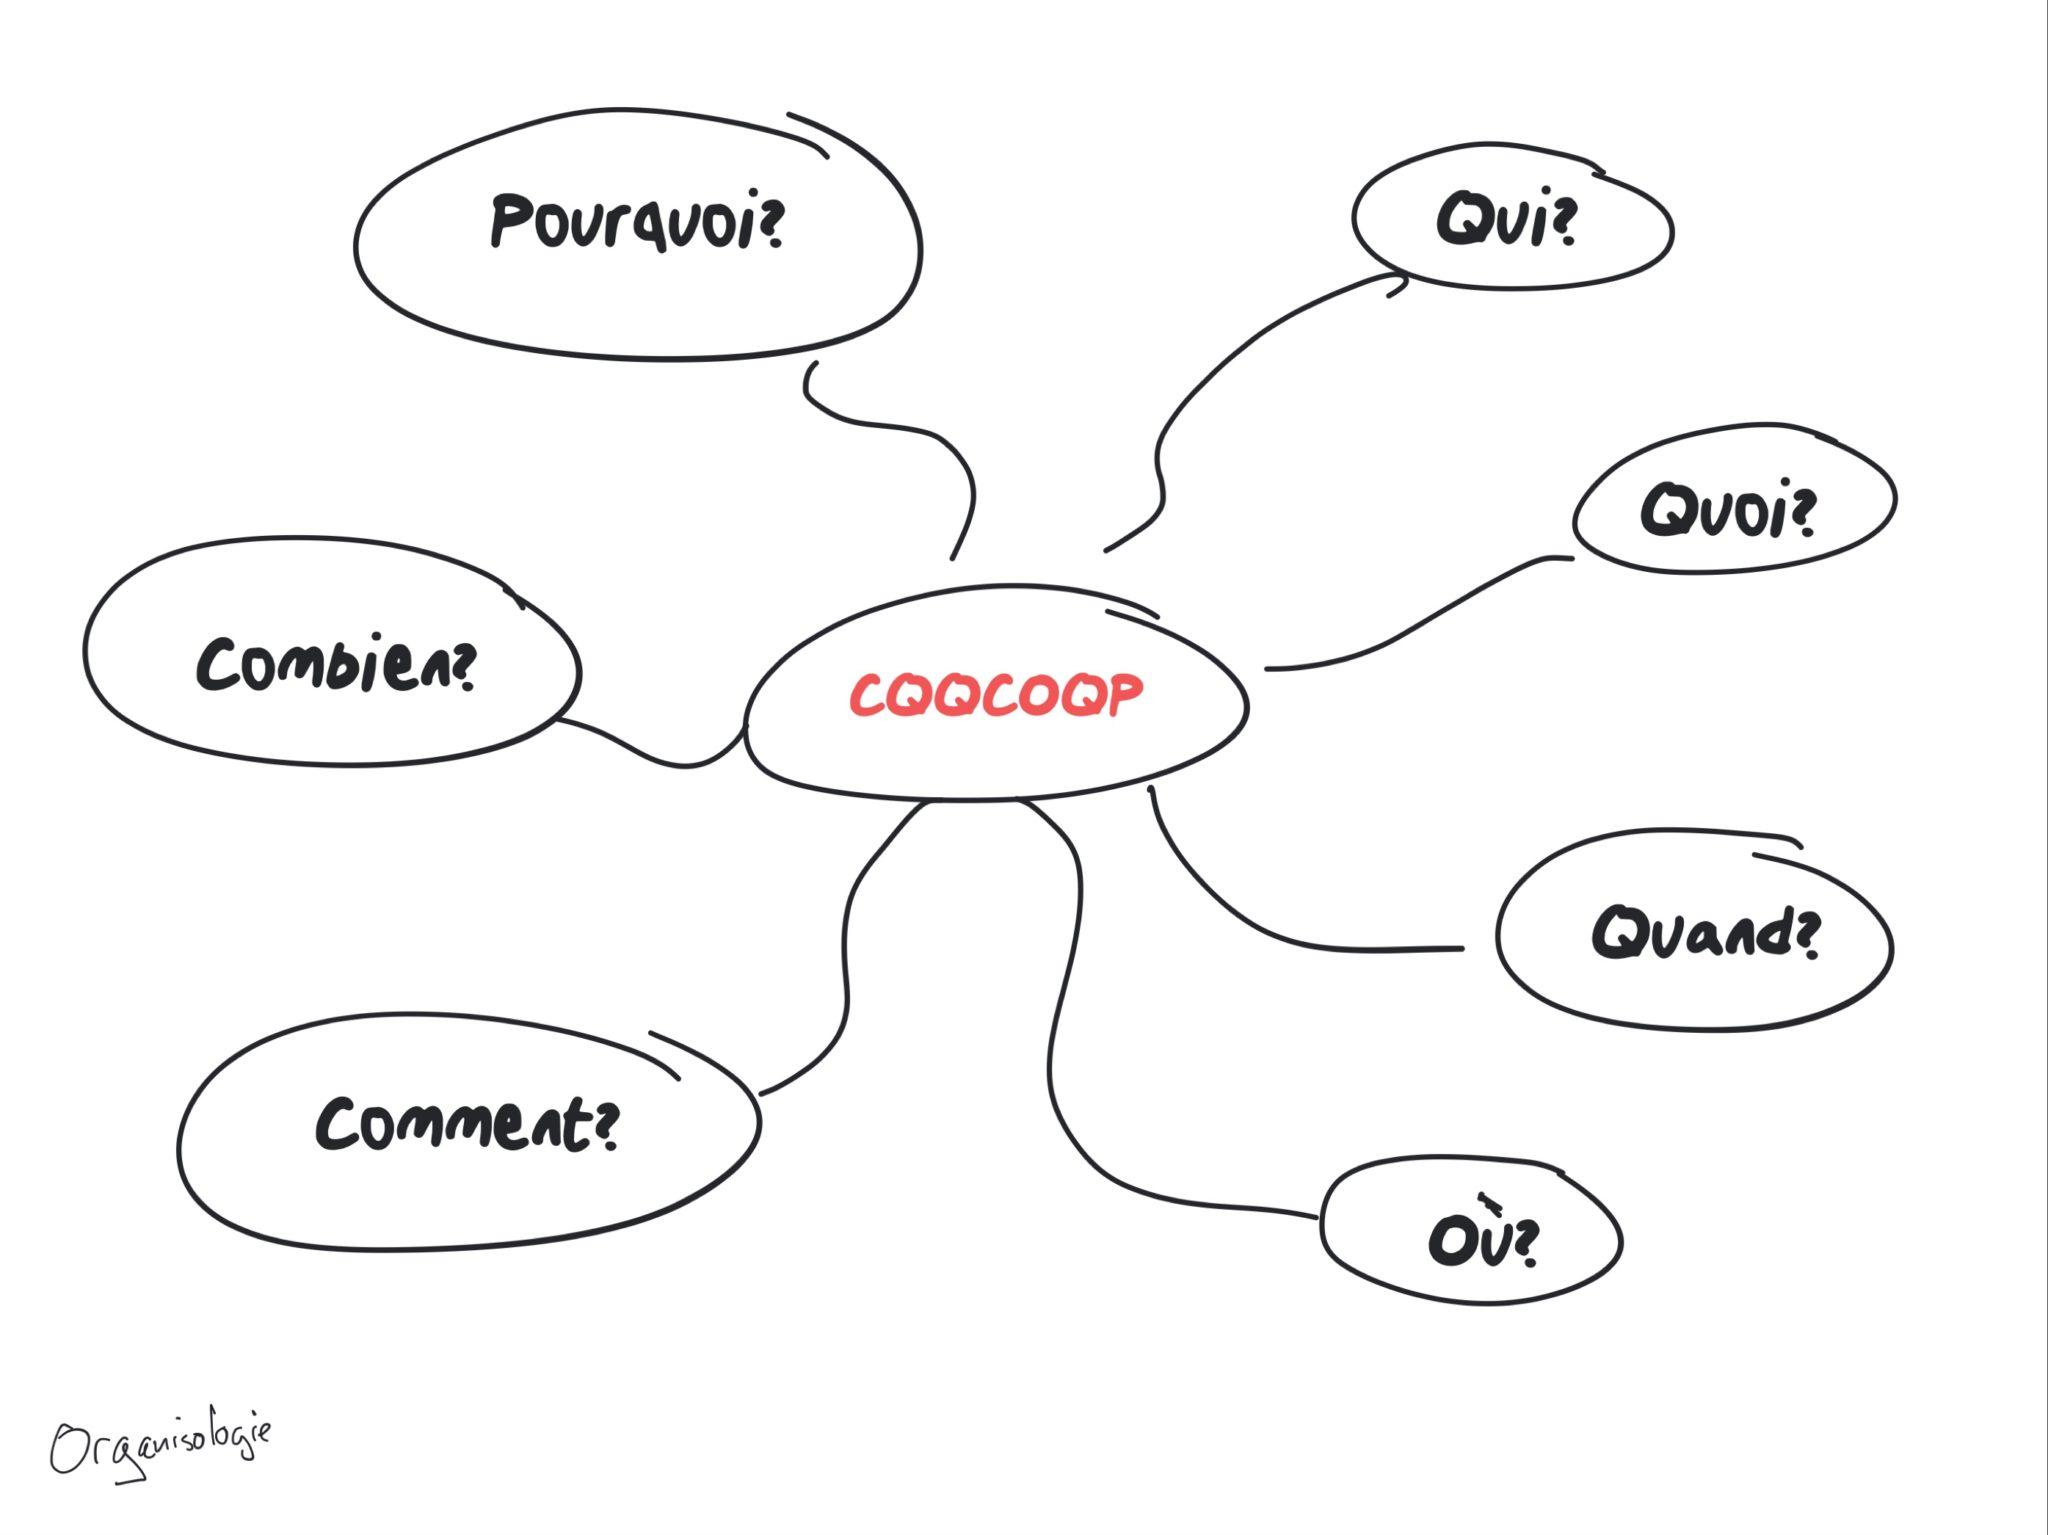 Méthodologie qqoqcp